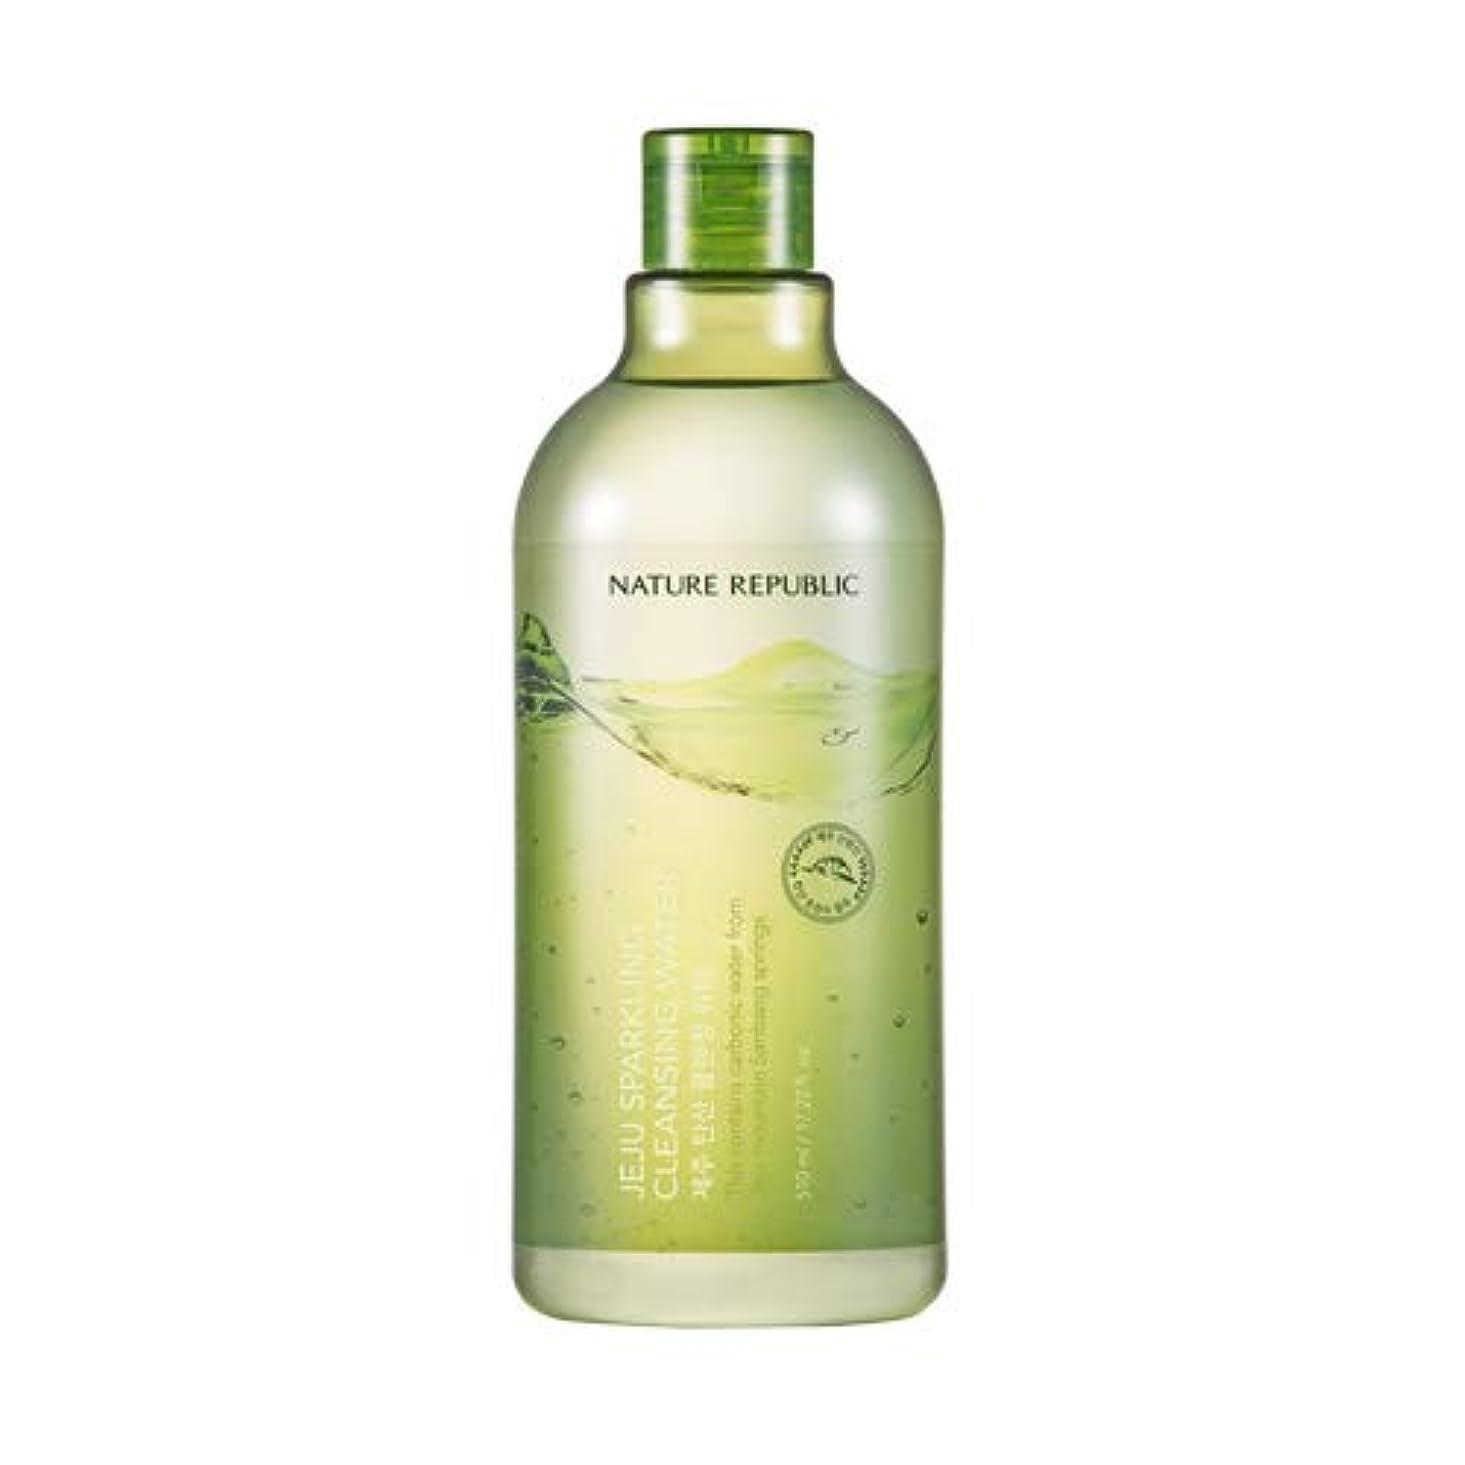 巧みな逃れるズームNature republic Jeju Sparkling(Carbonic) Cleansing Water ネイチャーリパブリック済州炭酸クレンジングウォーター 510ml [並行輸入品]